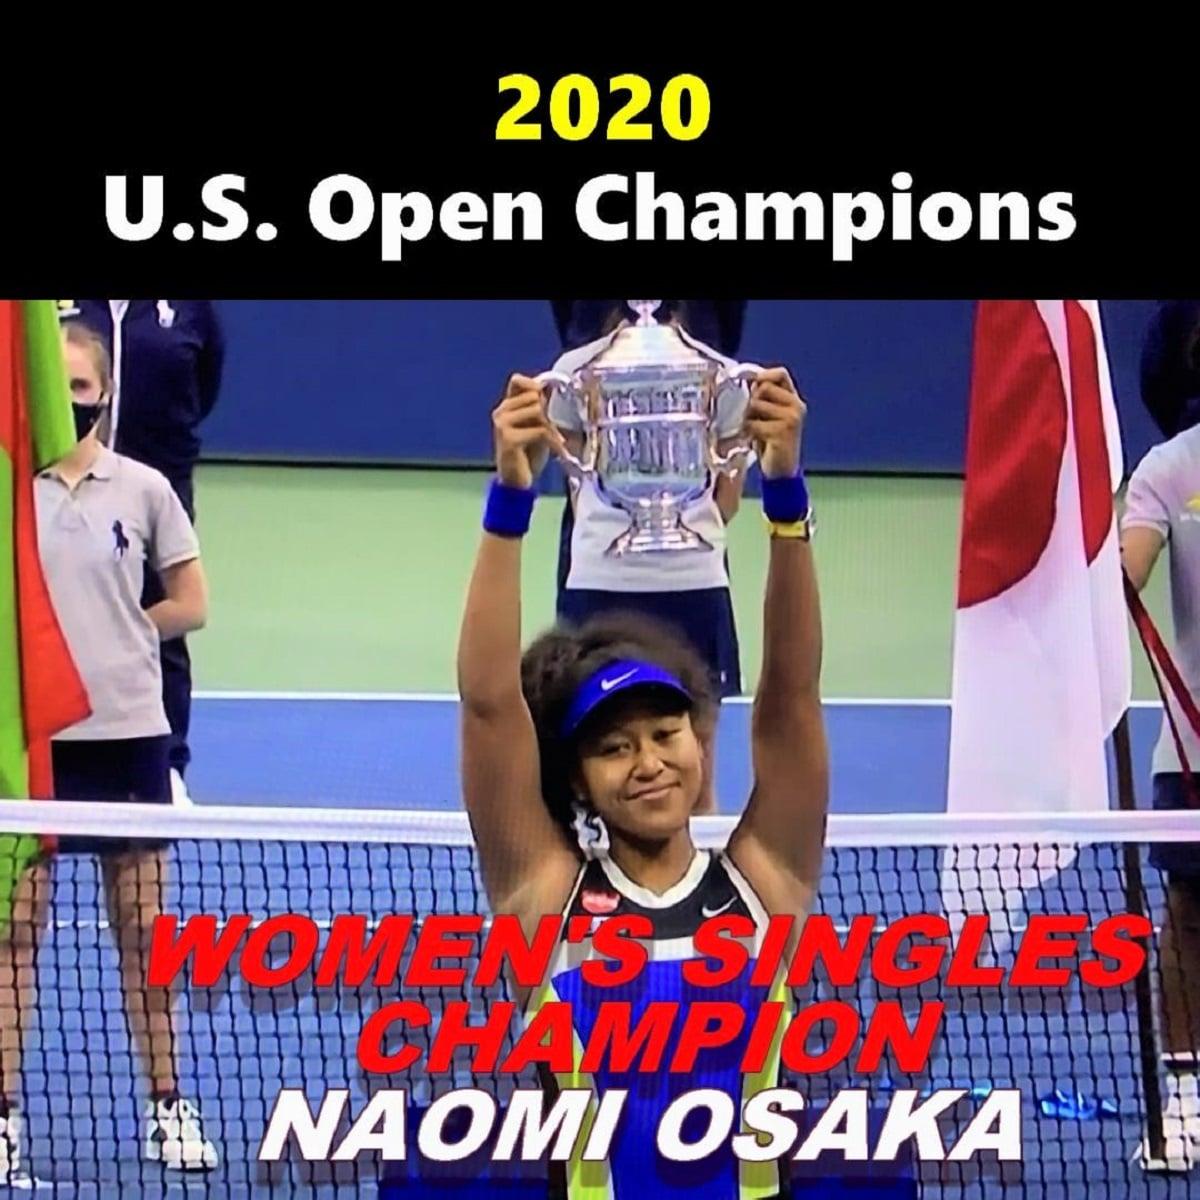 全米オープンテニス2020 女子シングルスを優勝した大坂なおみ